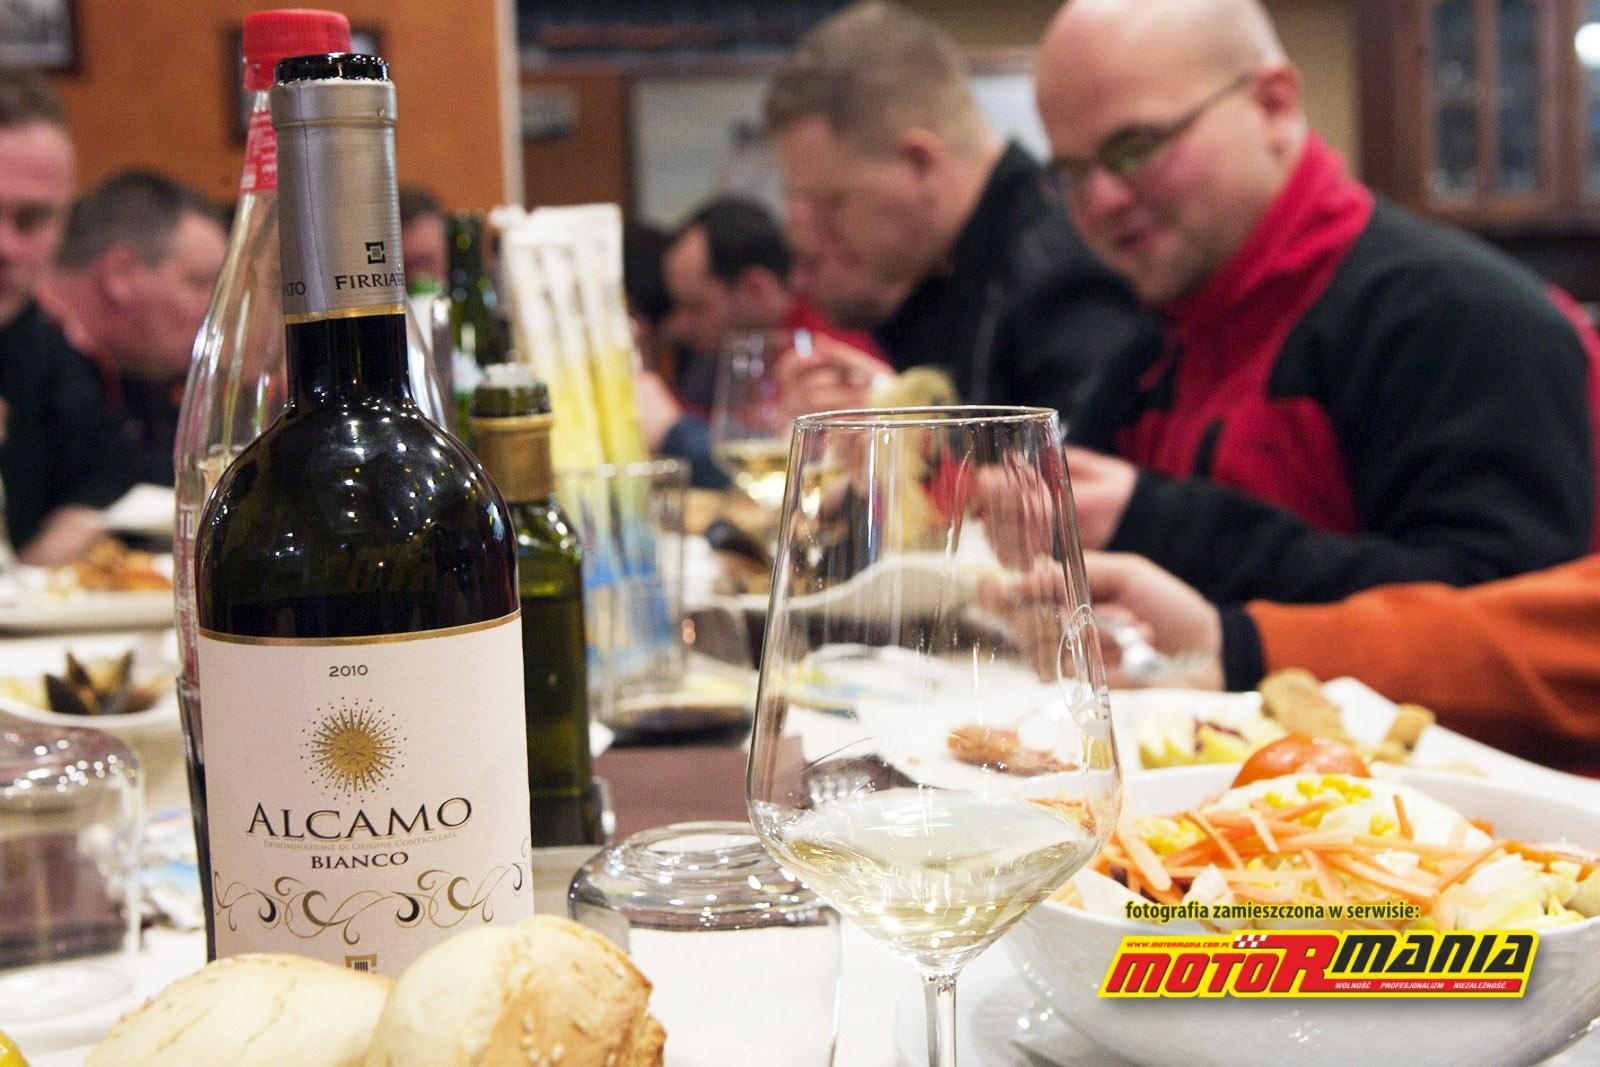 Nie upijaliśmy się tanim winem, tylko drogim, importowanym.